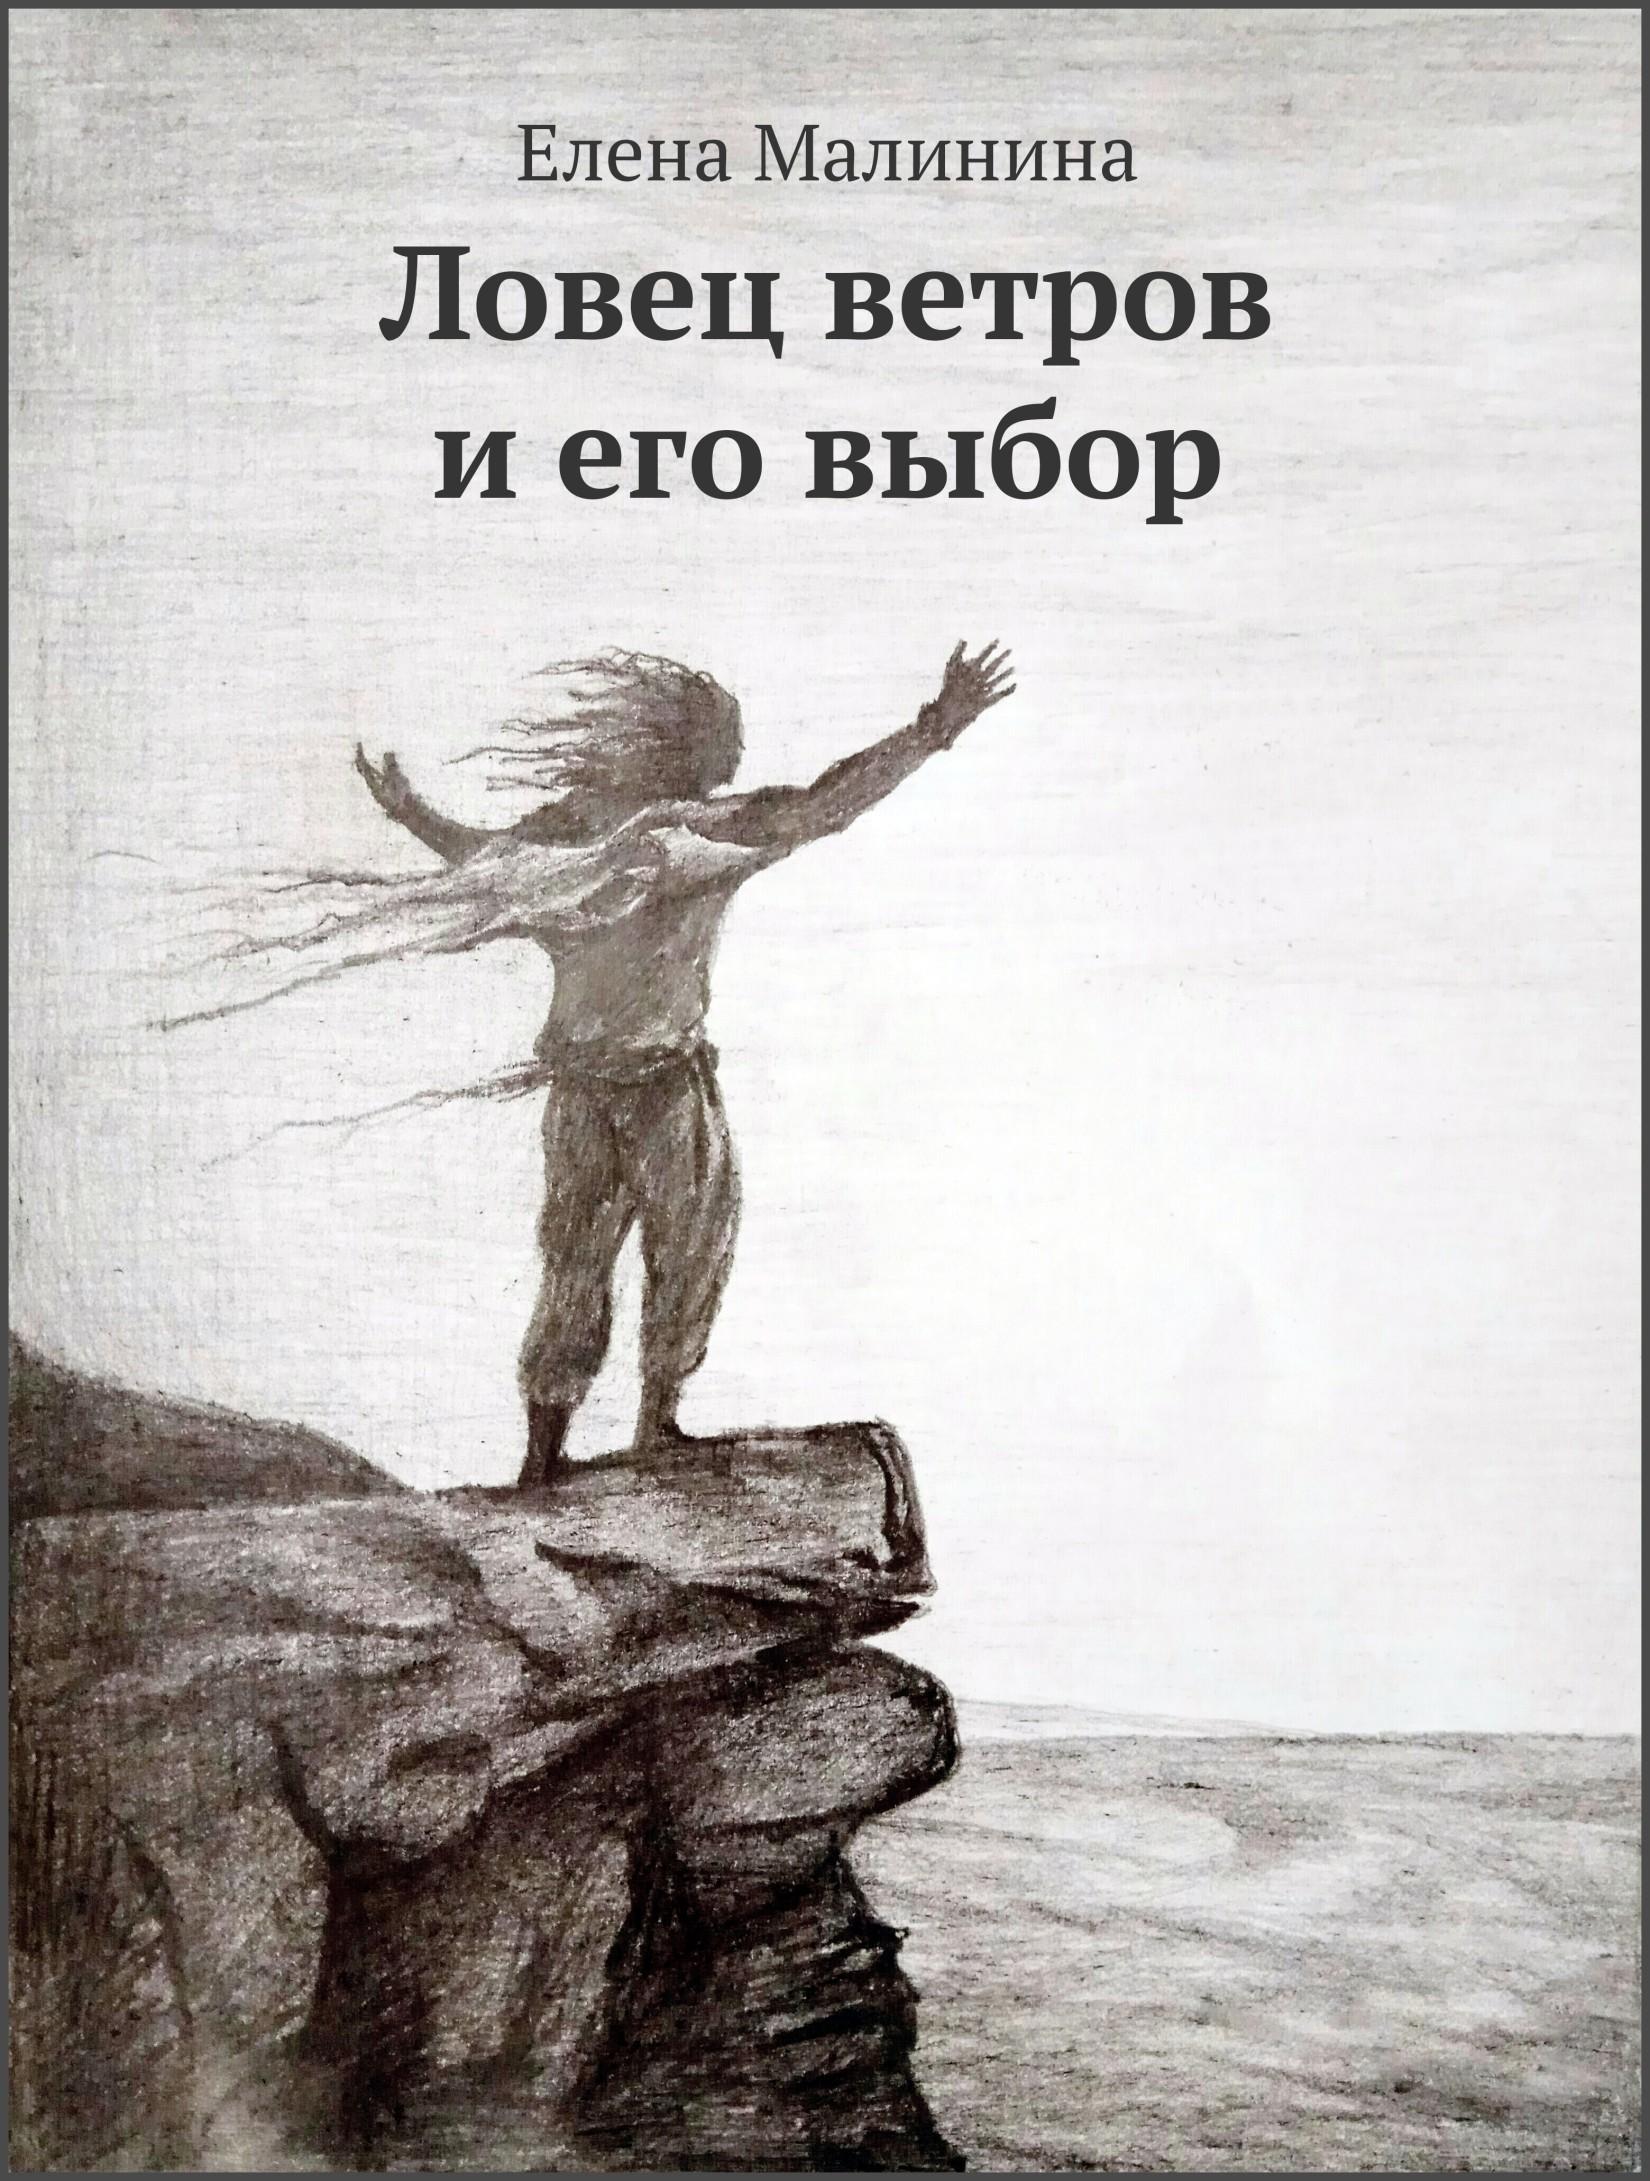 Елена Малинина - Ловец ветров и его выбор